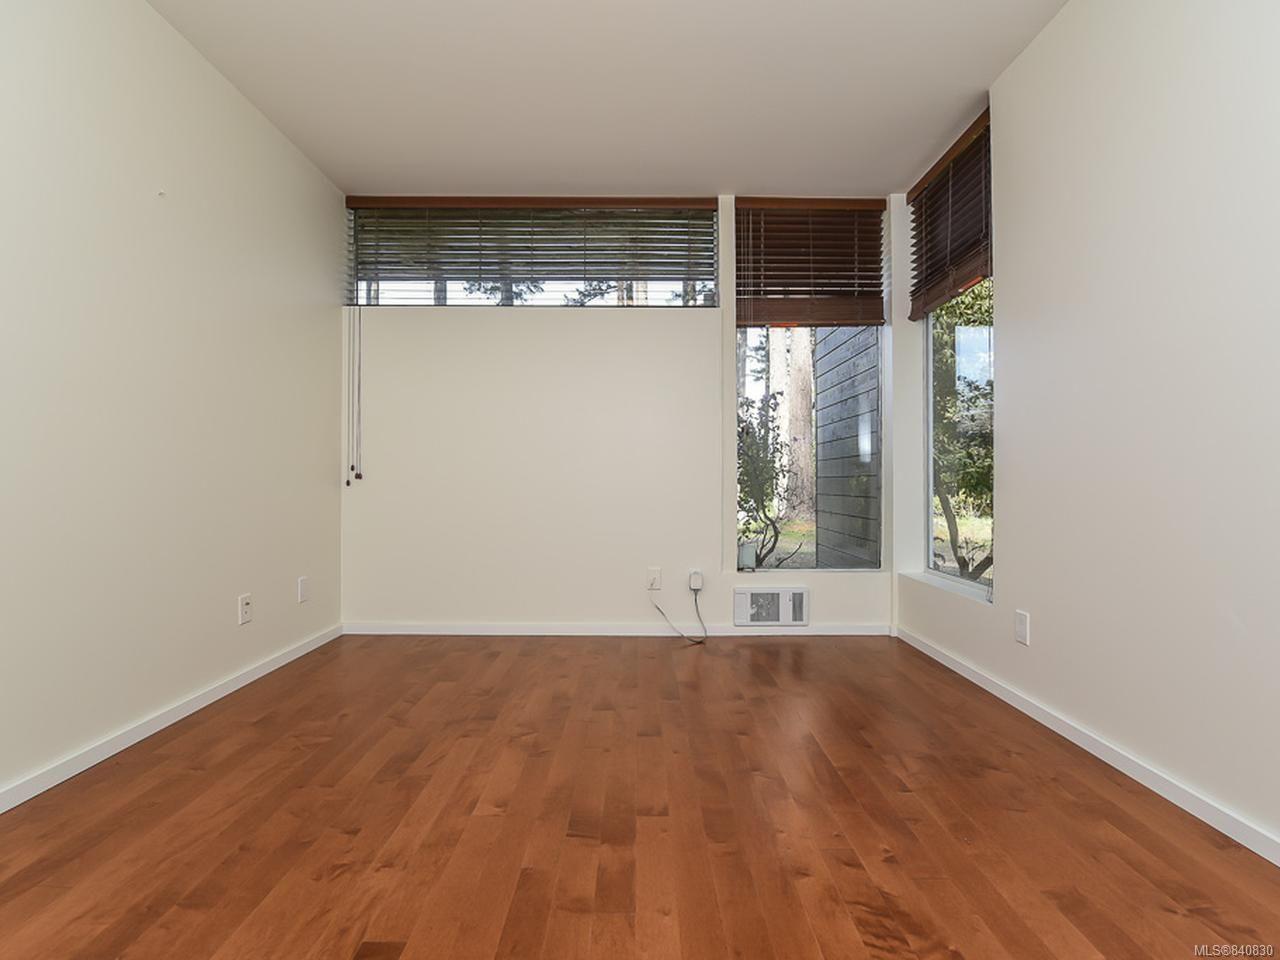 Photo 43: Photos: 1156 Moore Rd in COMOX: CV Comox Peninsula House for sale (Comox Valley)  : MLS®# 840830